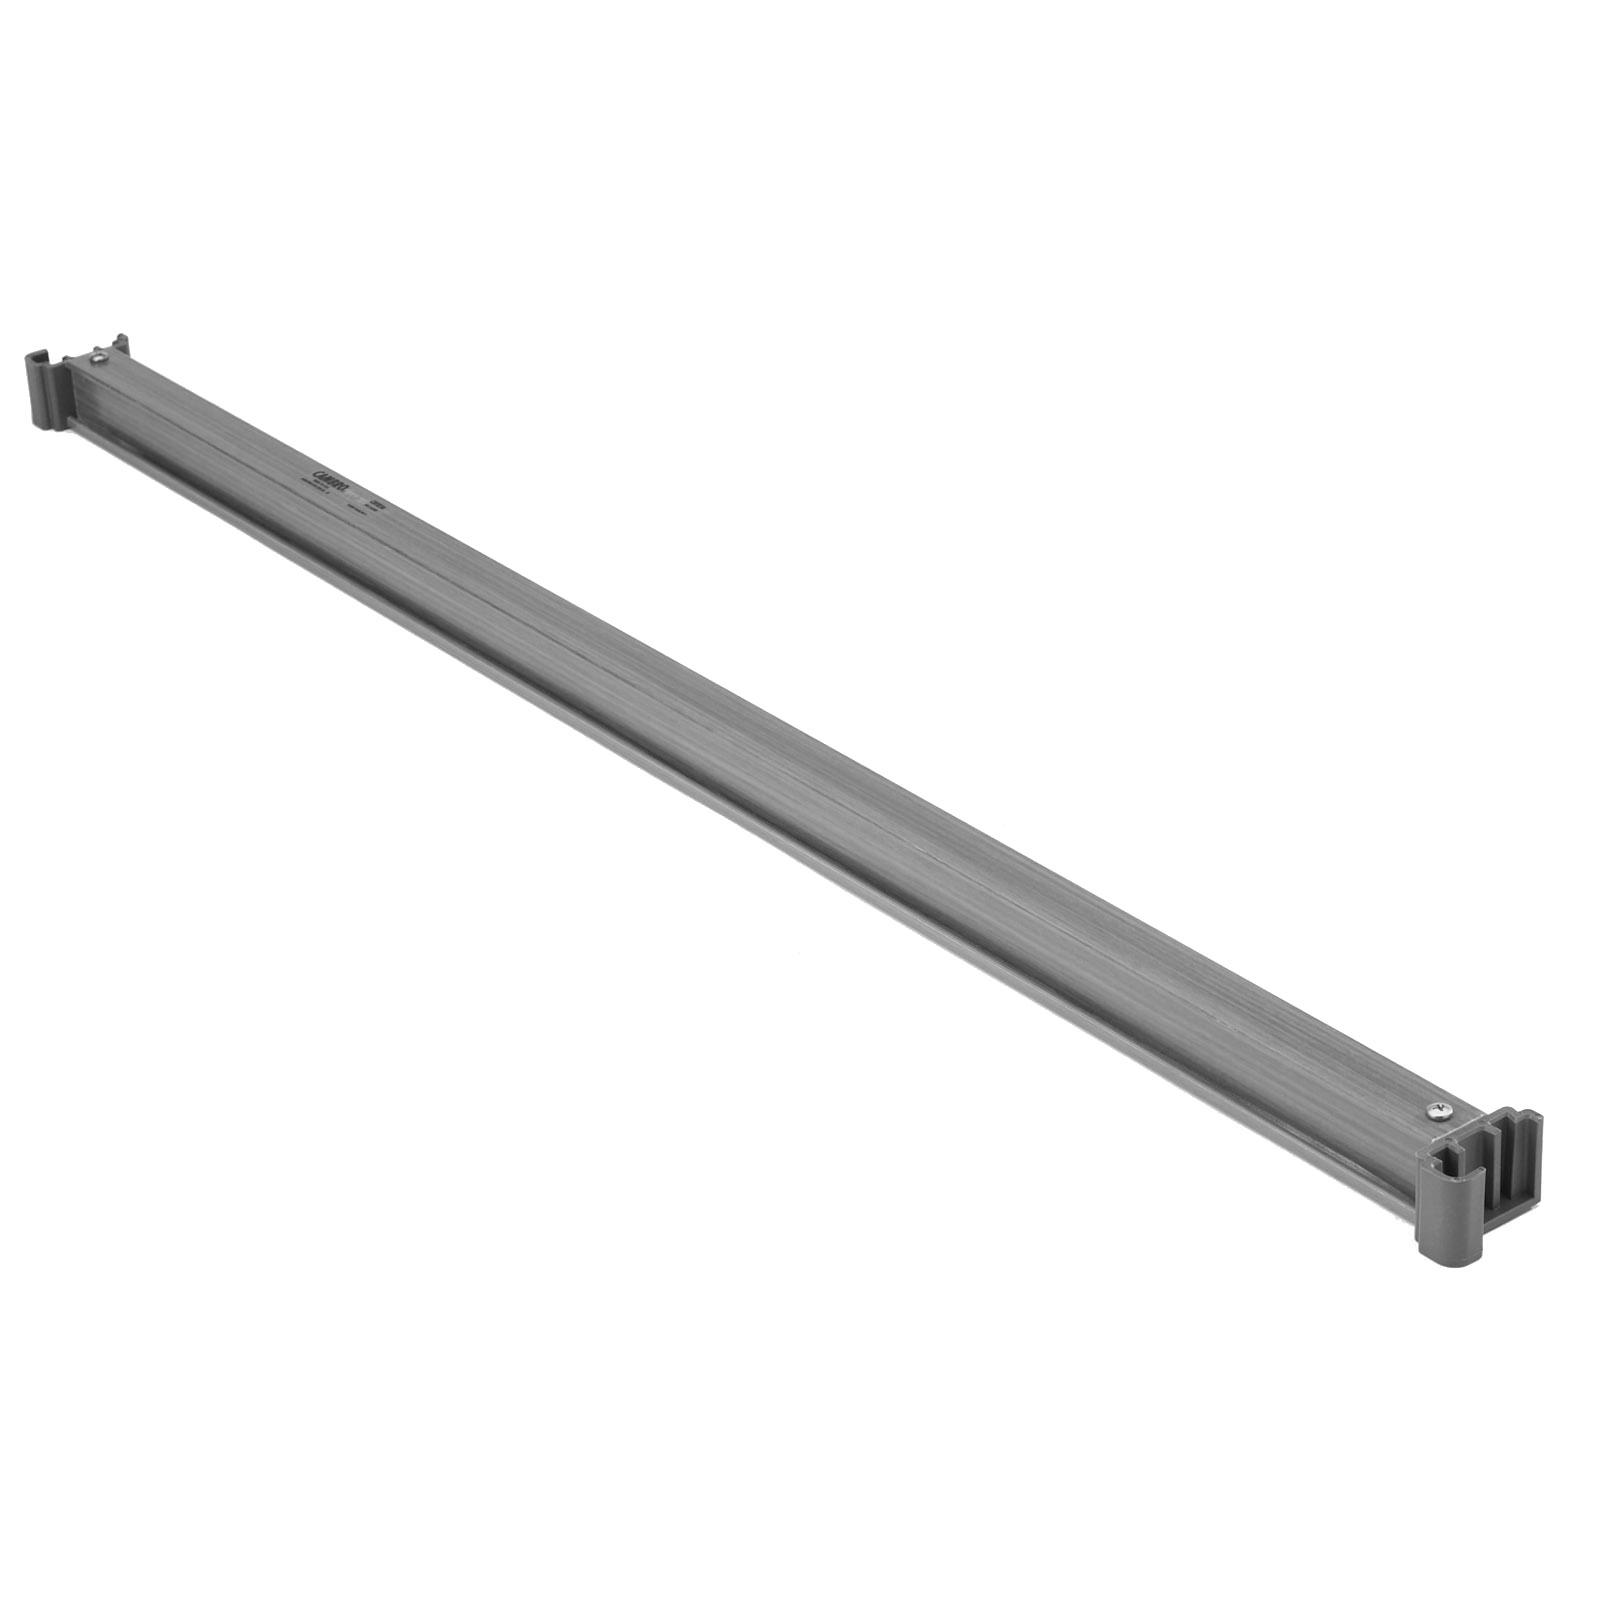 Cambro CBTR36580 shelving/shelving systems